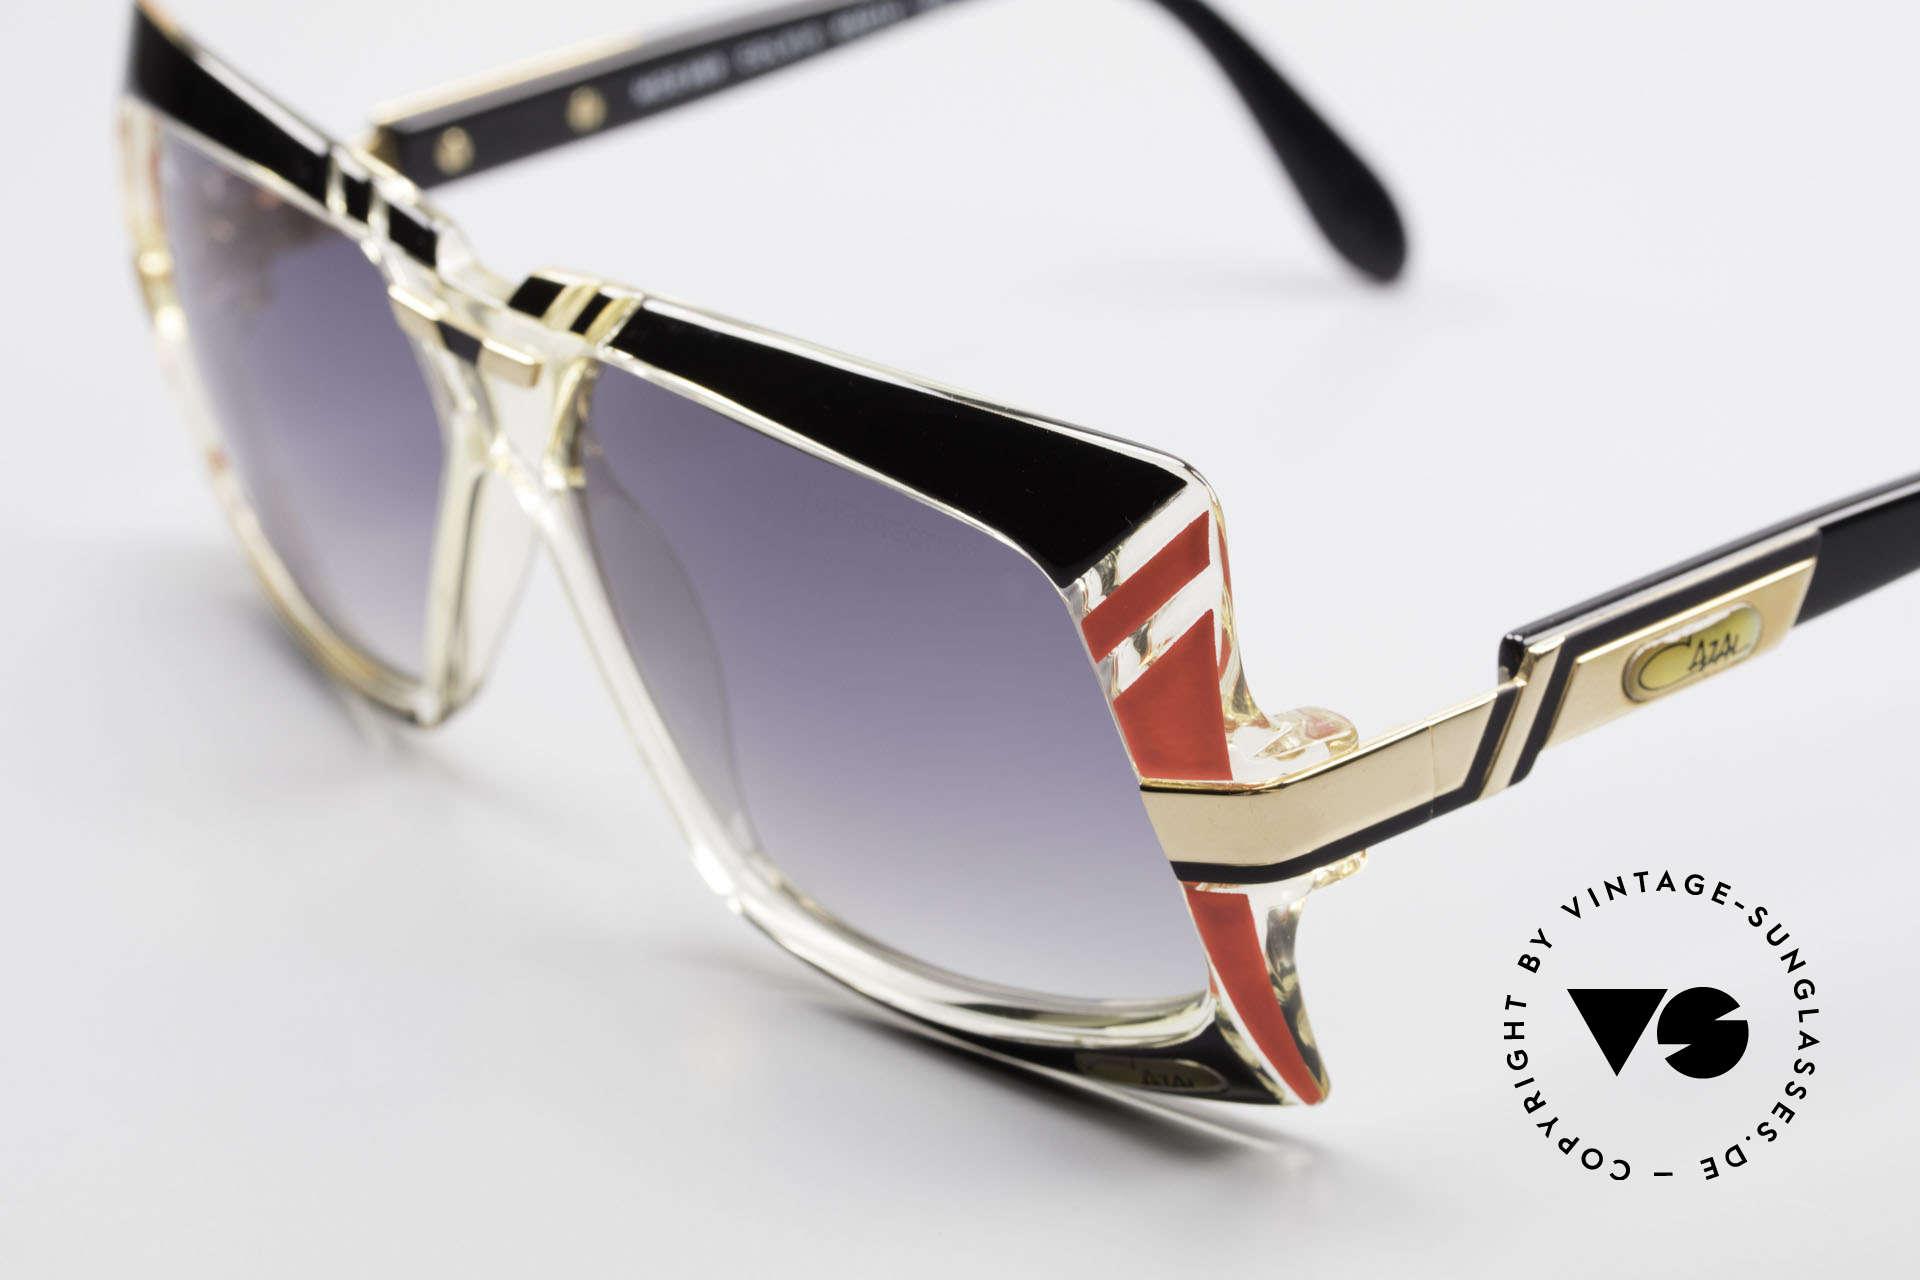 Cazal 869 80er True Vintage Sonnenbrille, herausragende Designerbrille von CAri ZALloni, Cazal, Passend für Herren und Damen